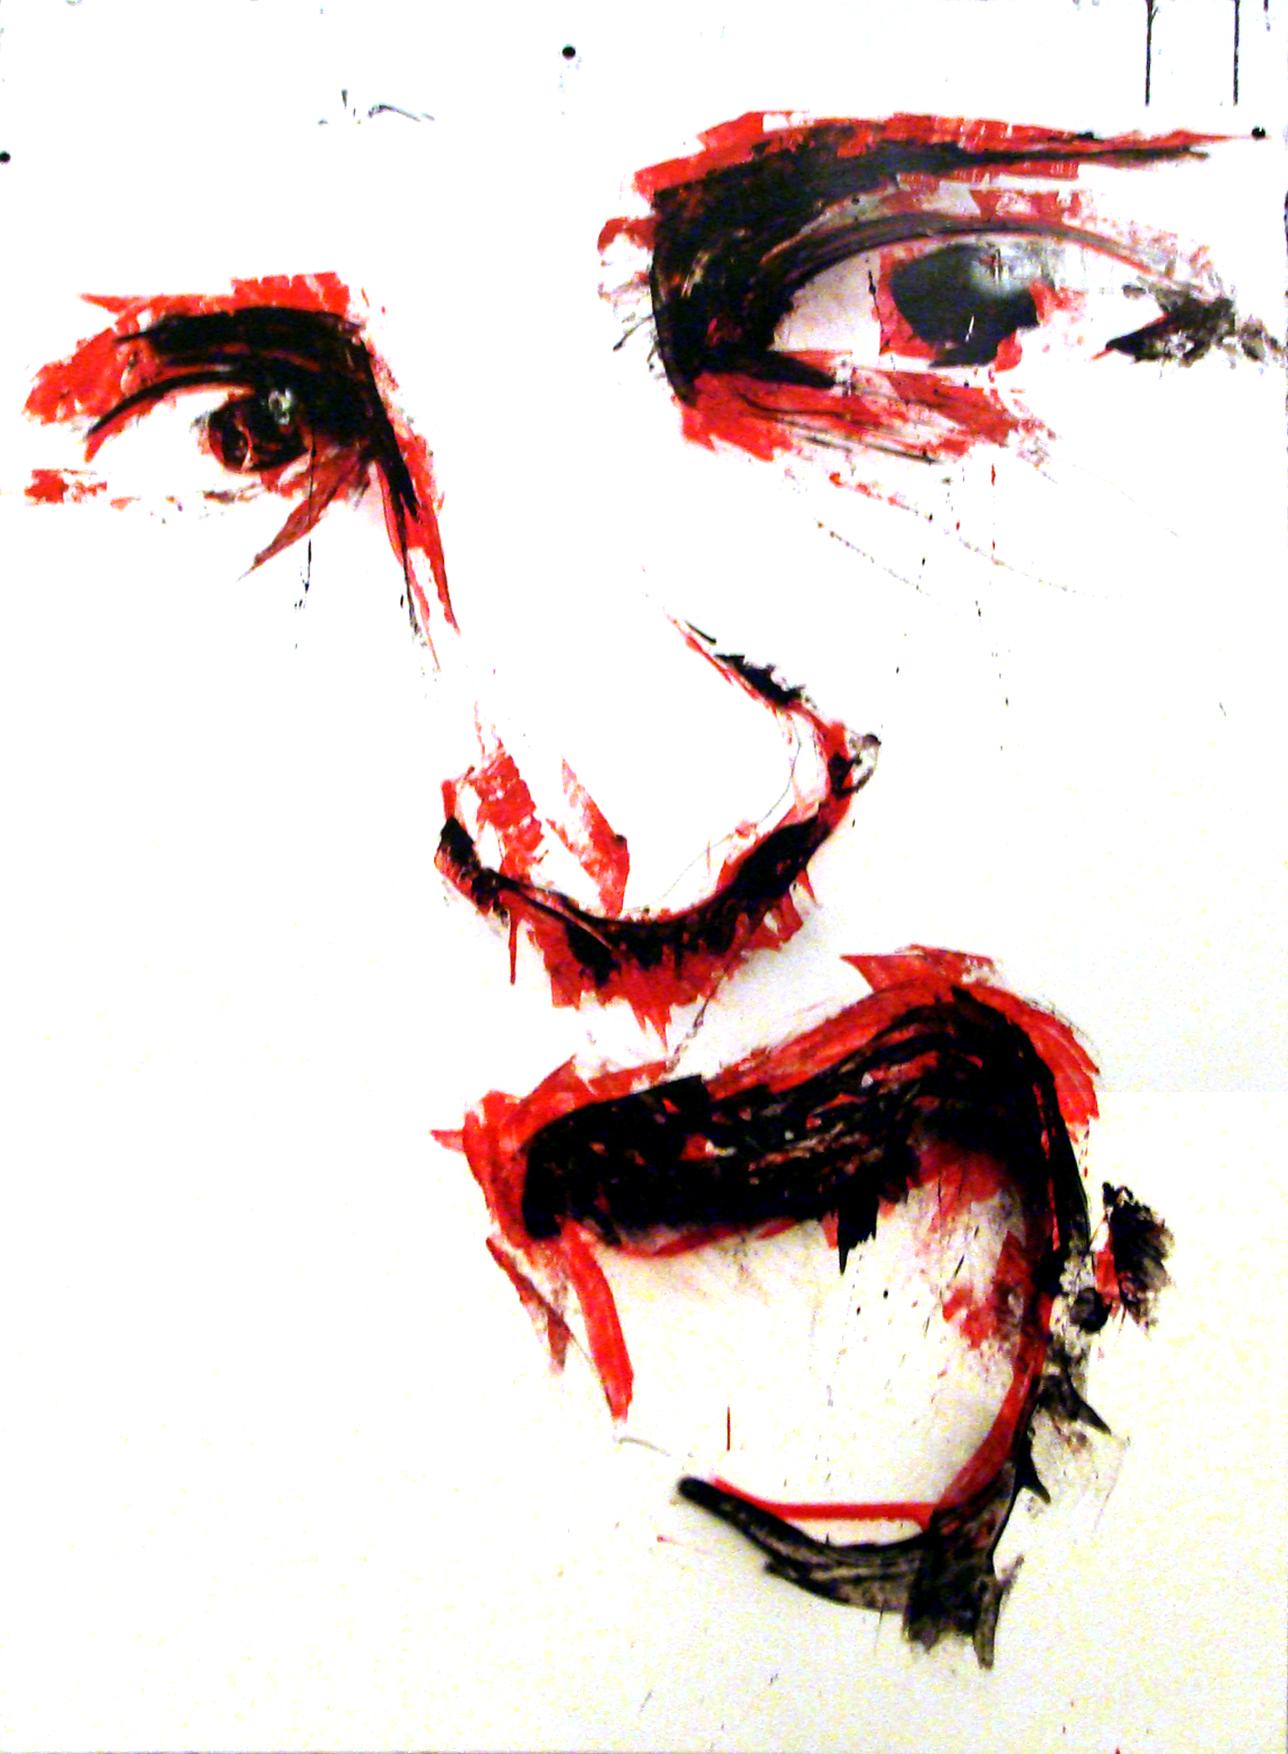 Décembre 2011 - Aérosol sur affiche - 70 x 100 -Affiche Le Kyma